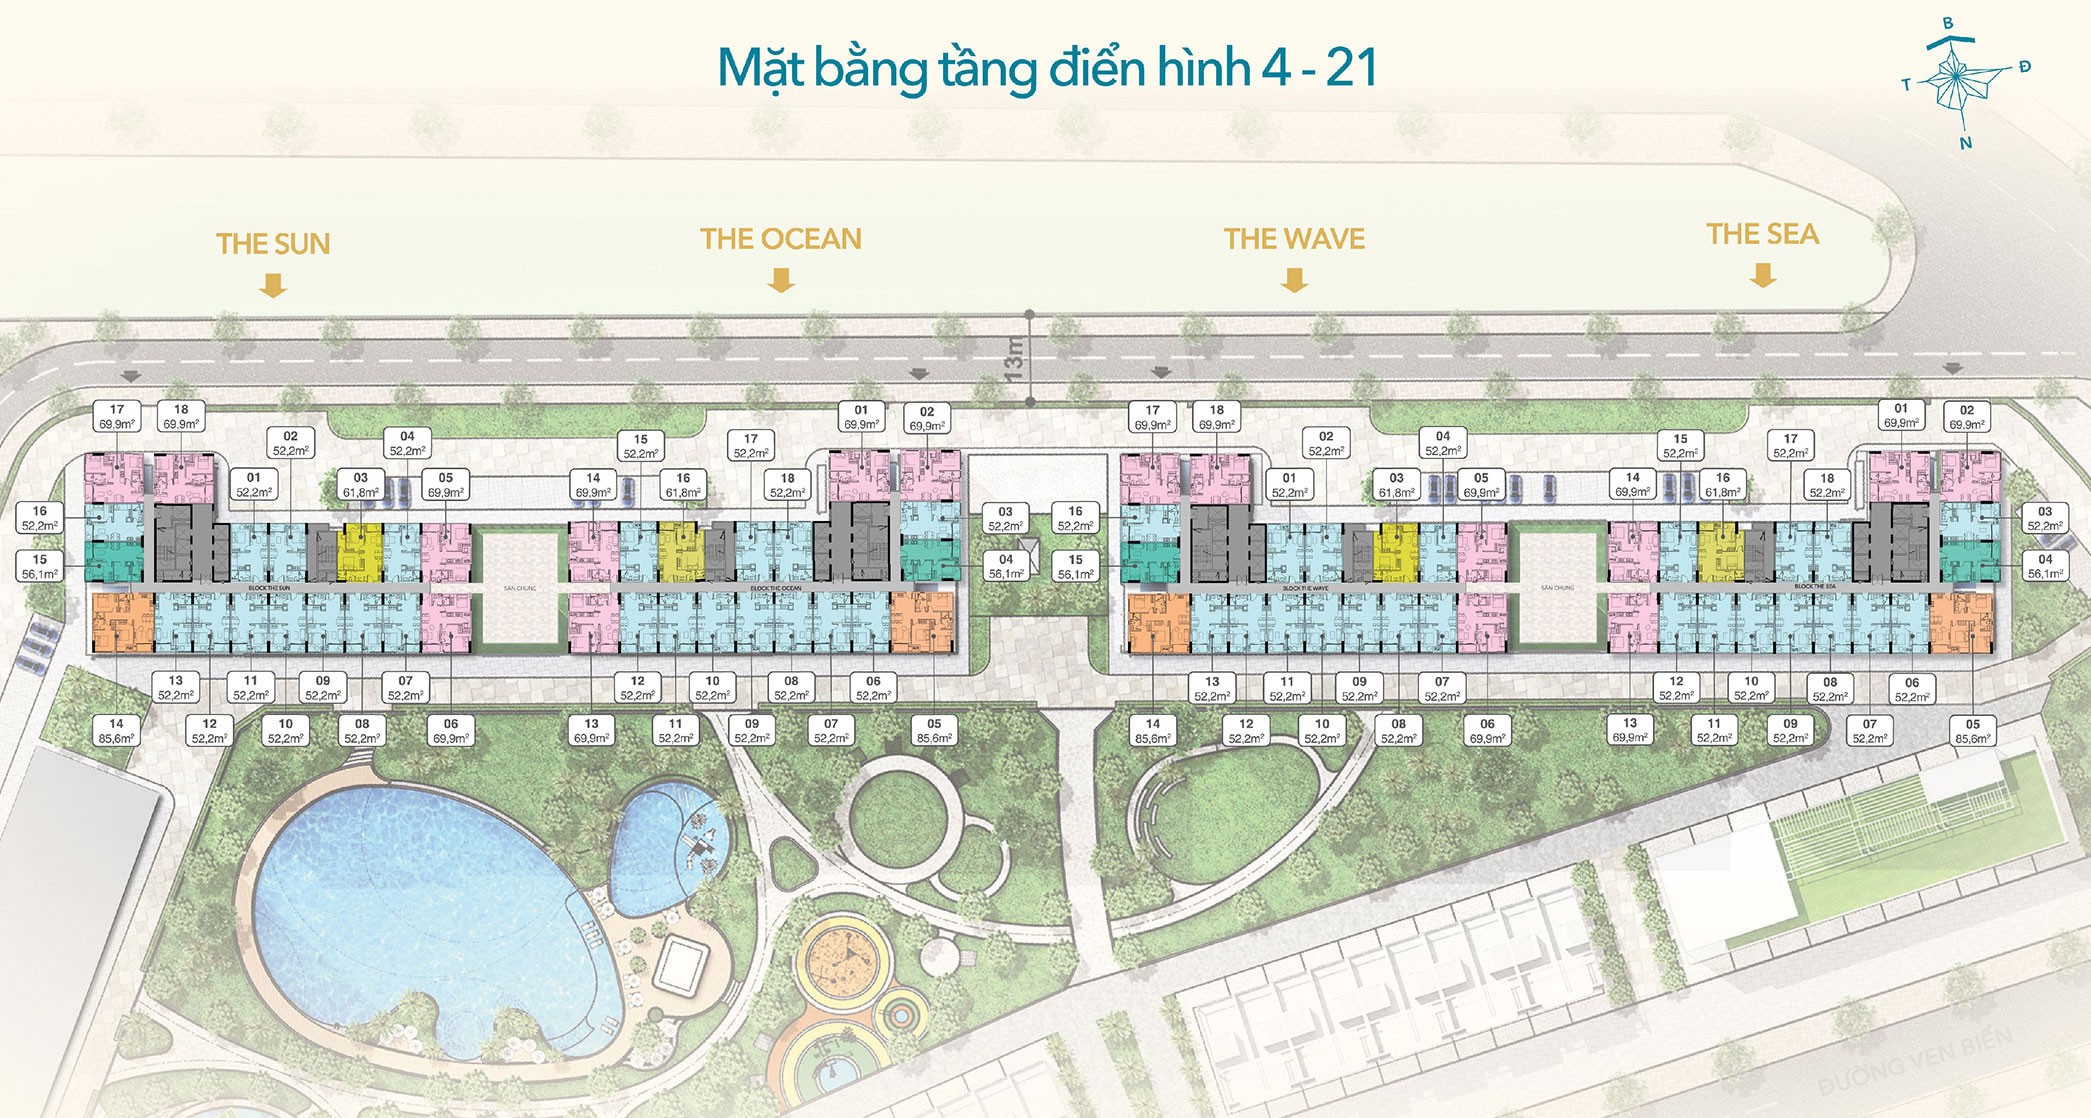 Mặt bằng dự án Hồ Tràm Complex tầng điển hình 4-21